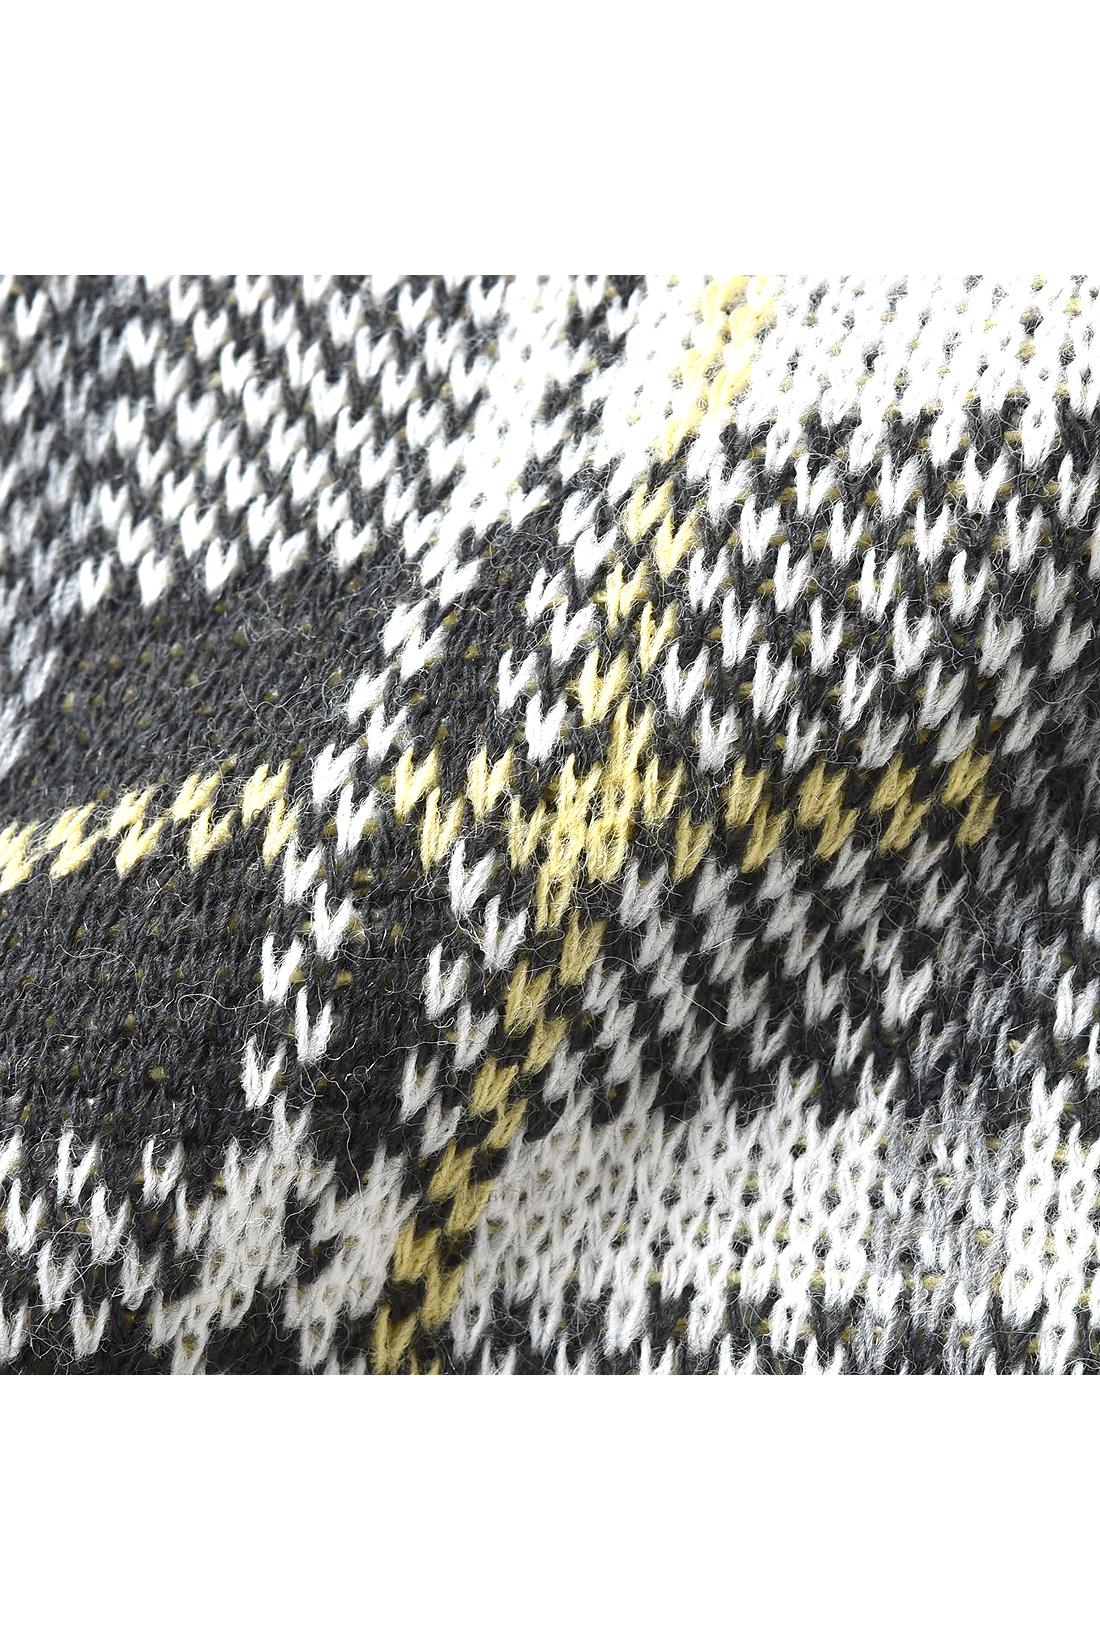 カラフルな差し色も入れて編み上げた、ふっくら厚手のジャカードニット。